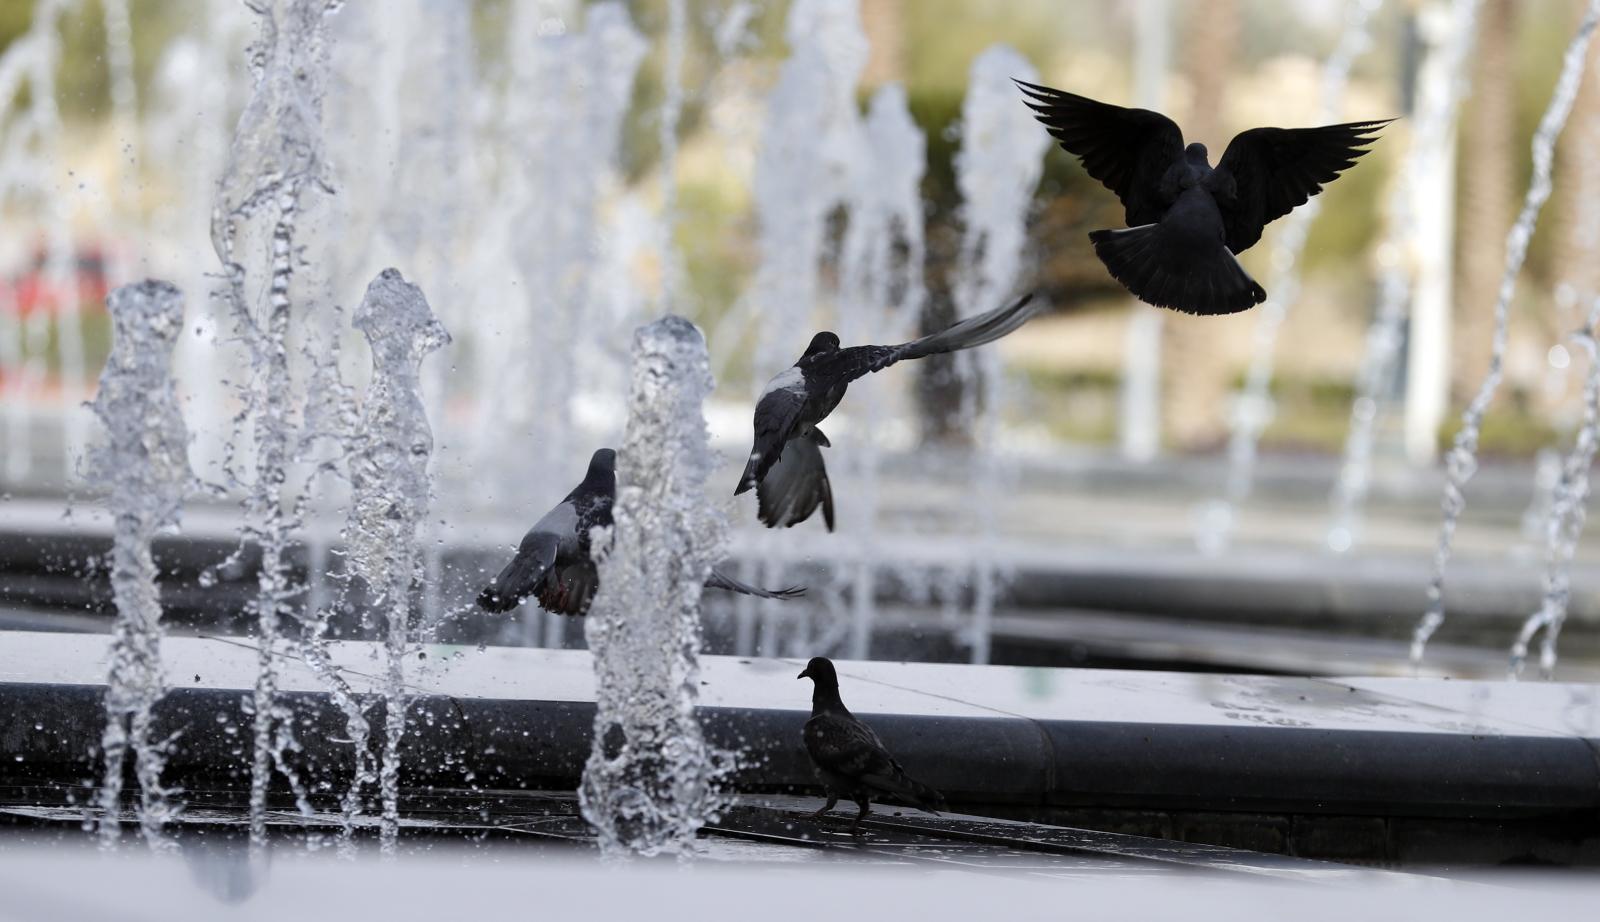 Ptaki w fontannie fot. EPA/YAHYA ARHAB